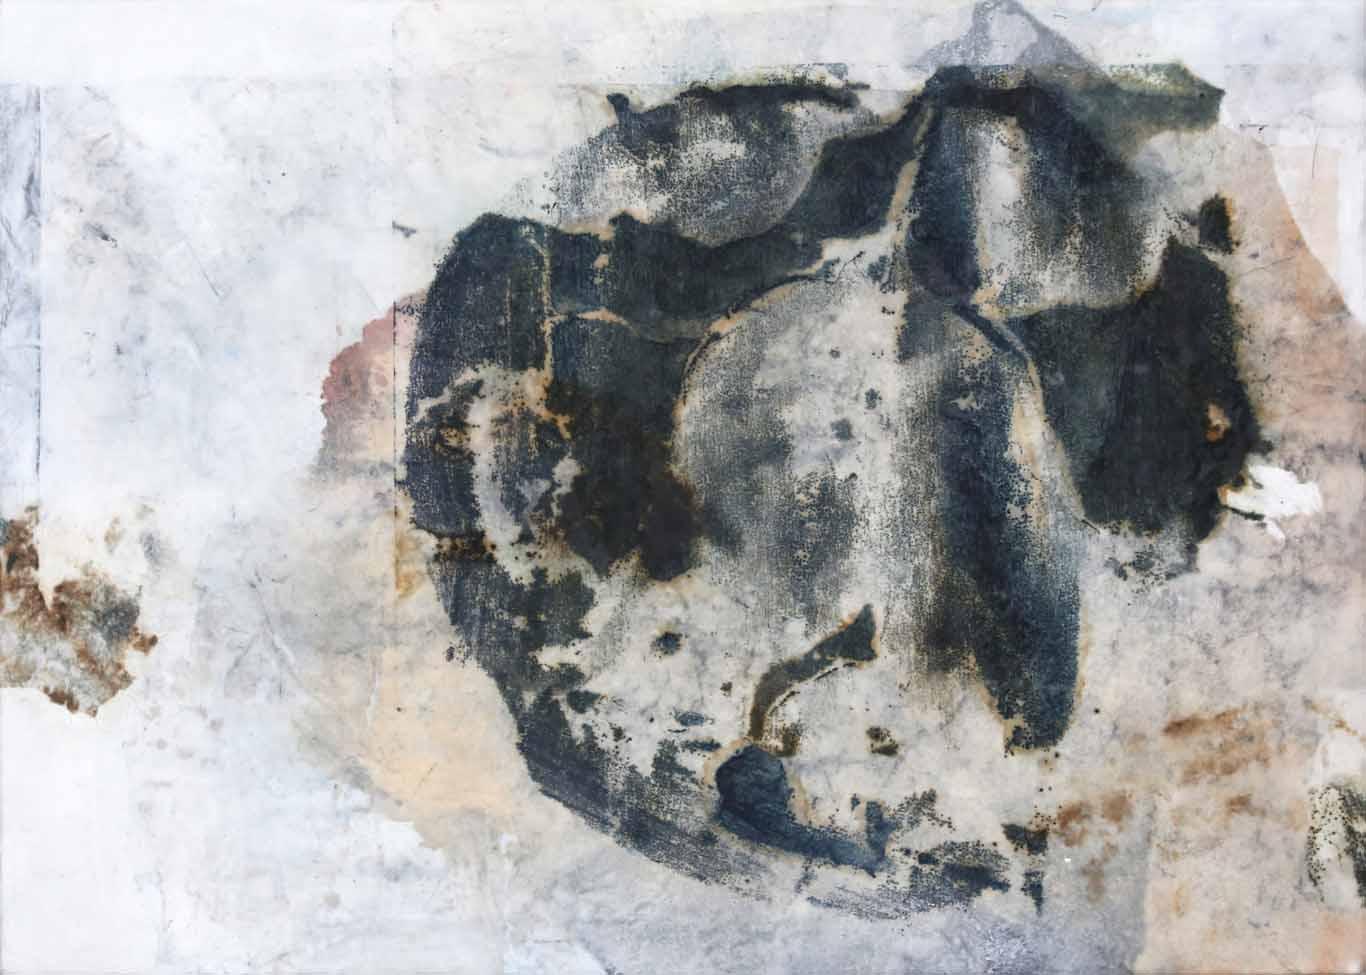 Abstrakte Collage aus Chinapapier unter Wachs in Grau-, Blau- und Sandtönen im mittleren Format